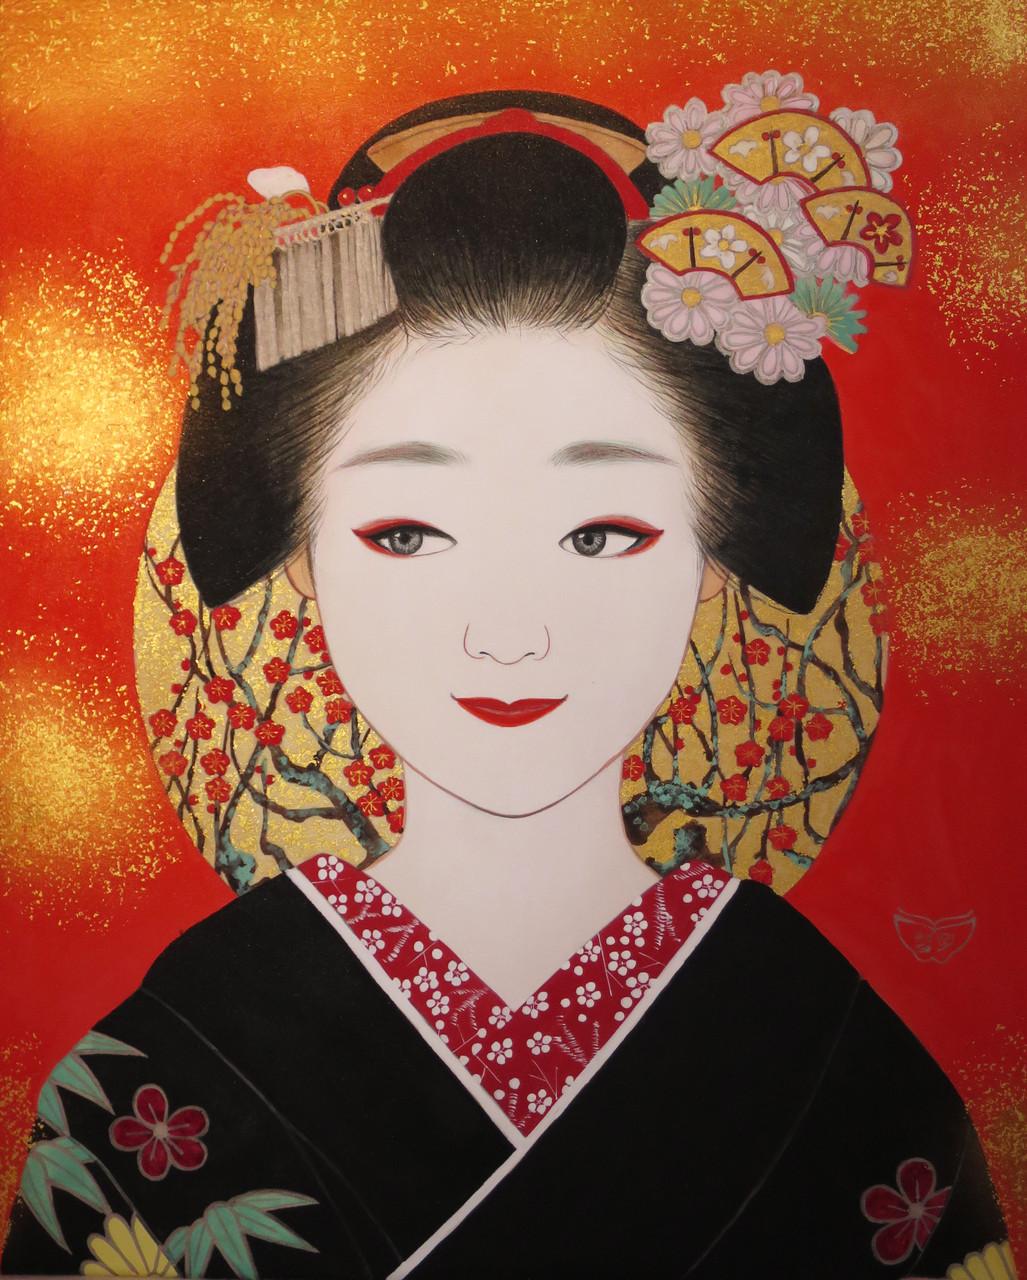 「舞妓」 雲肌麻紙・岩絵具・金泥・金箔・白金泥 F3 81,000円(税込)